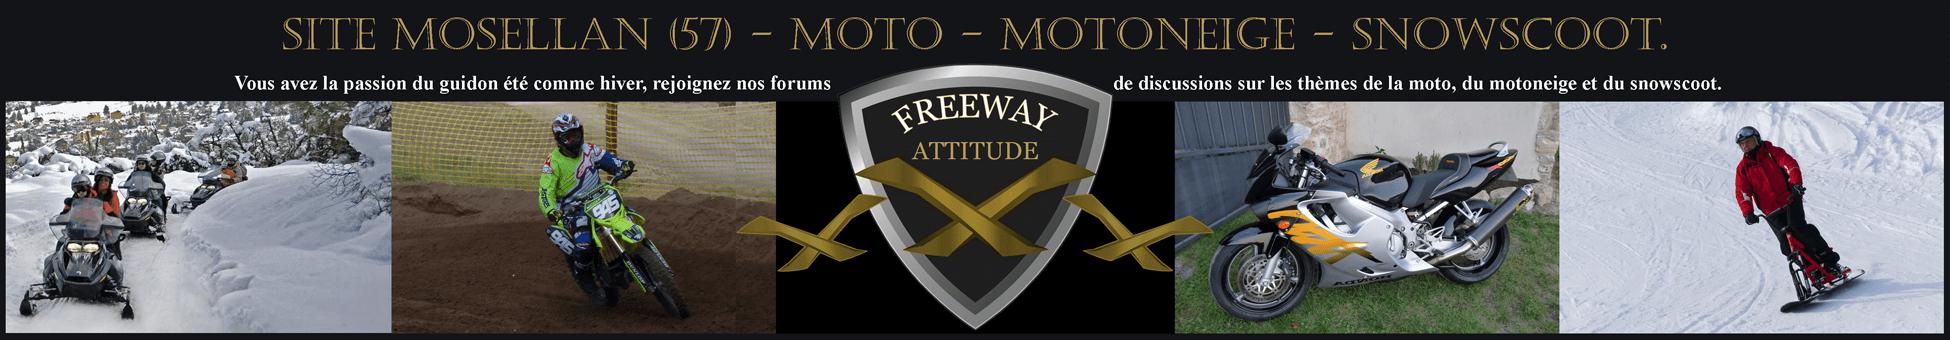 FREEWAY-ATTITUDE